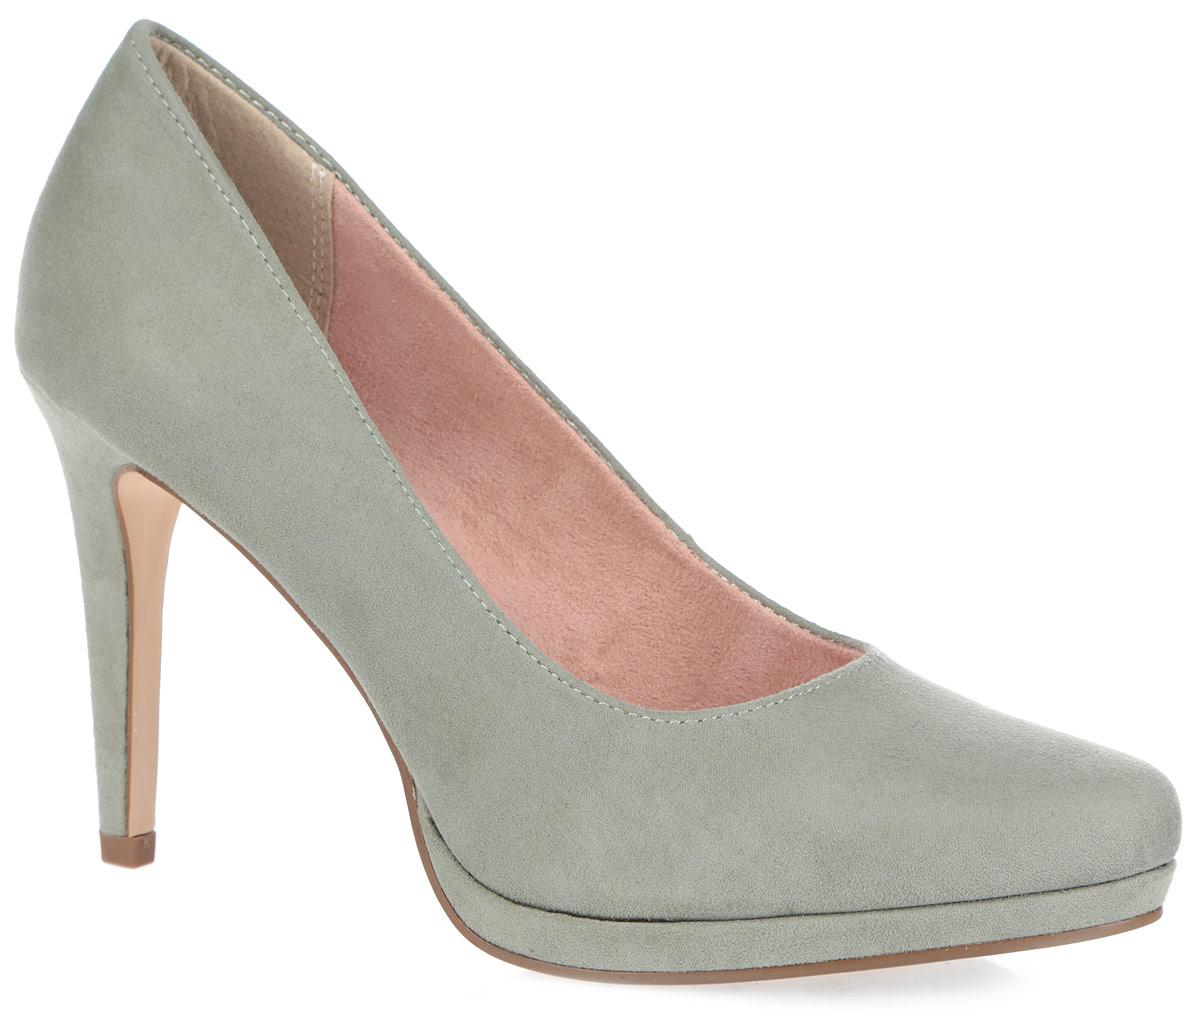 Туфли женские. 1-1-22446-36-7681-1-22446-36-768Модные женские туфли от Tamaris очаруют вас с первого взгляда. Модель выполнена из мягкого текстиля с ворсистой фактурой. Заостренный носок добавляет женственности в образ. Подкладка из текстиля, стелька из текстиля и искусственной кожи обеспечивают комфорт при движении. Высокий каблук компенсирован платформой. Подошва с рифлением обеспечивает отличное сцепление на любой поверхности. Роскошные туфли помогут вам создать элегантный образ.